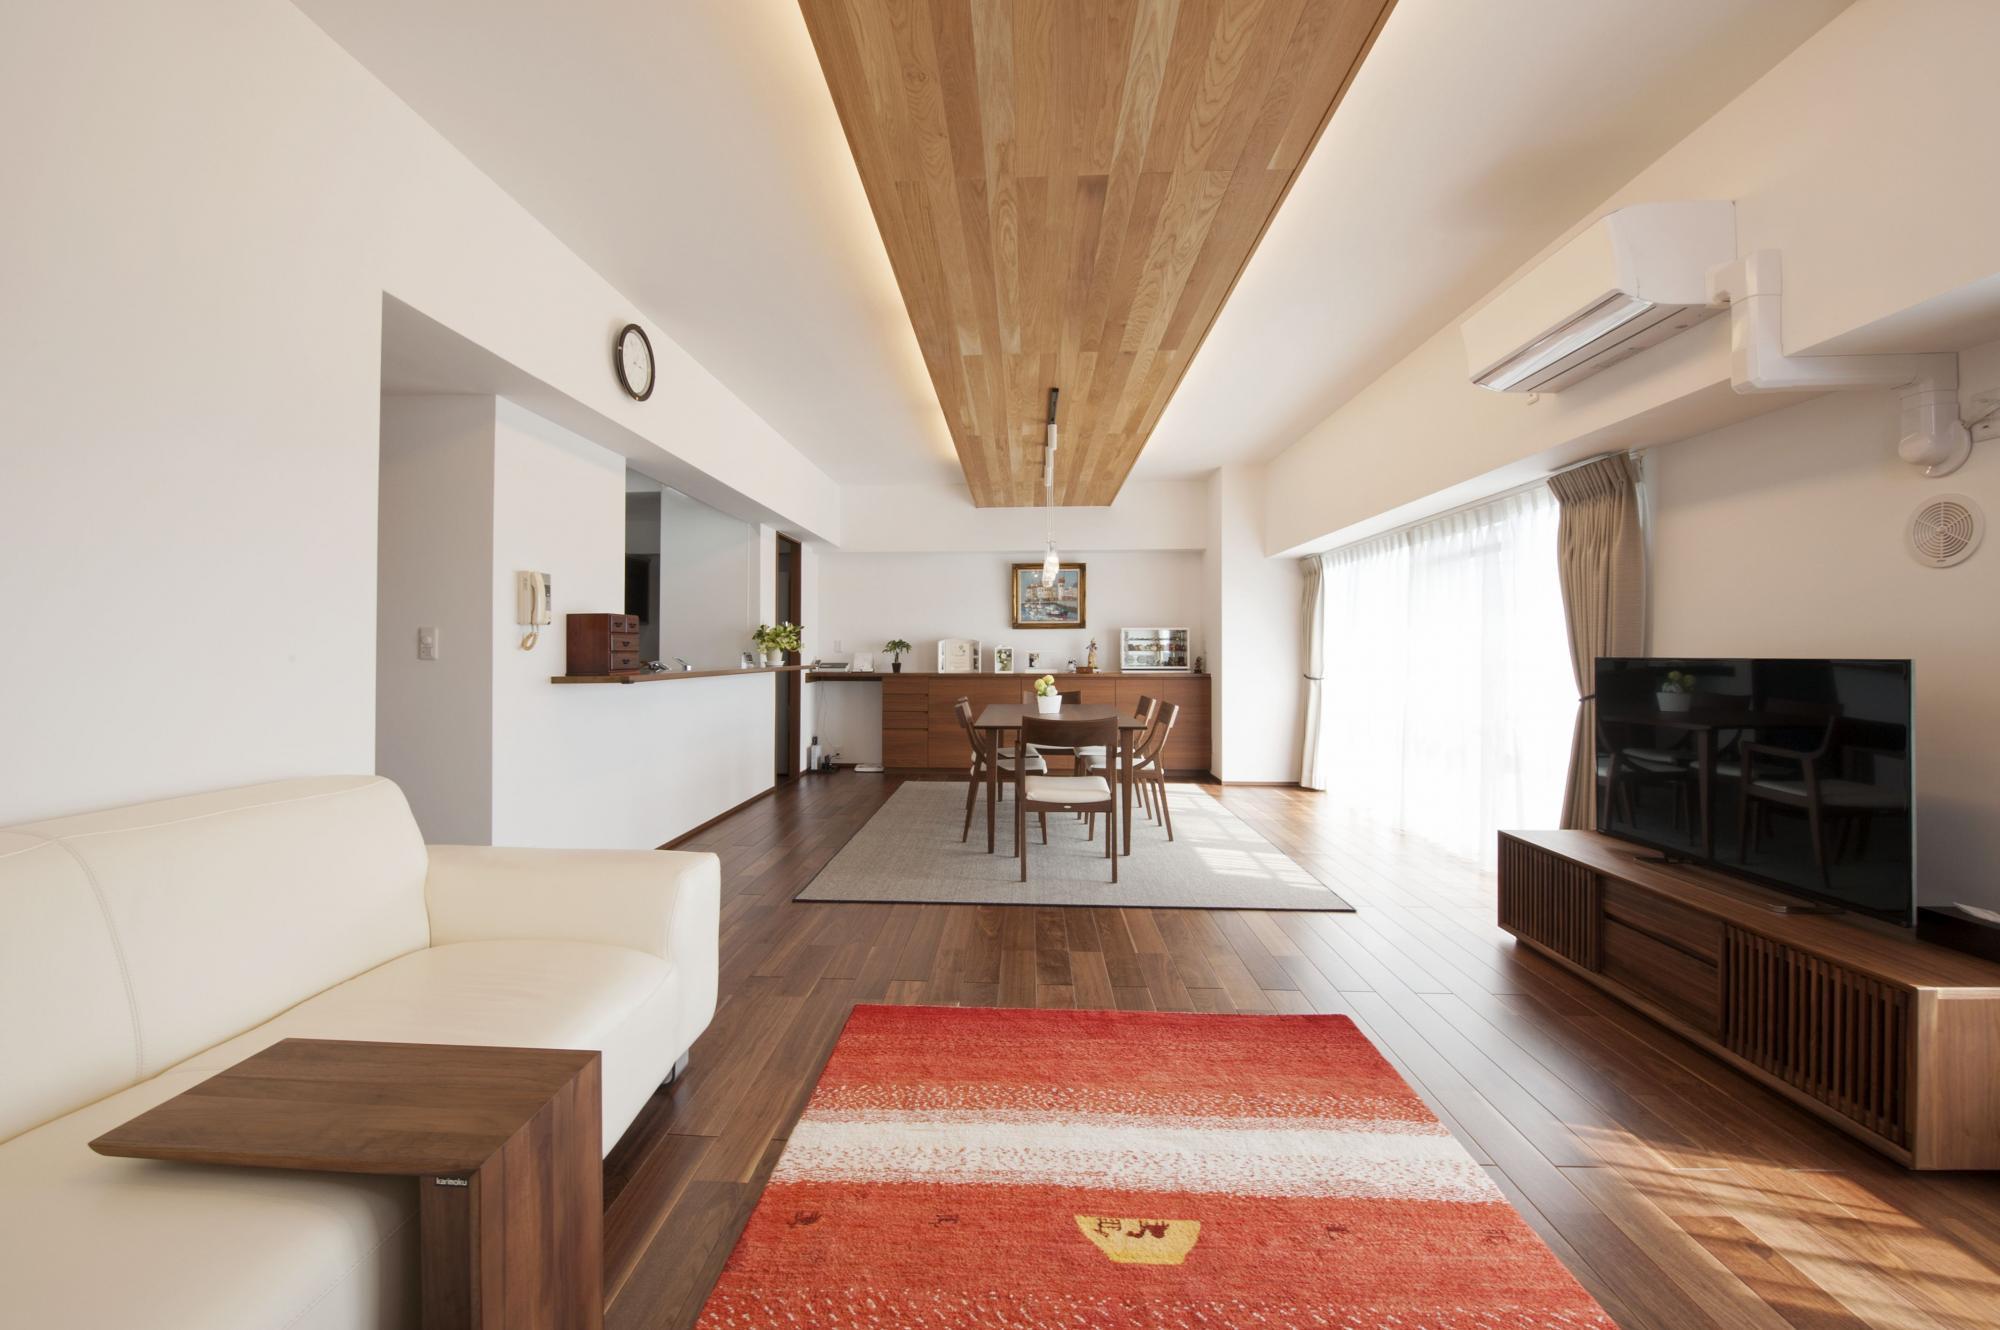 和室を取り込み、広々としたLD。無垢のオーク材を貼った飾り天井とその両サイドに入れた間接照明が空間をモダンに演出している。